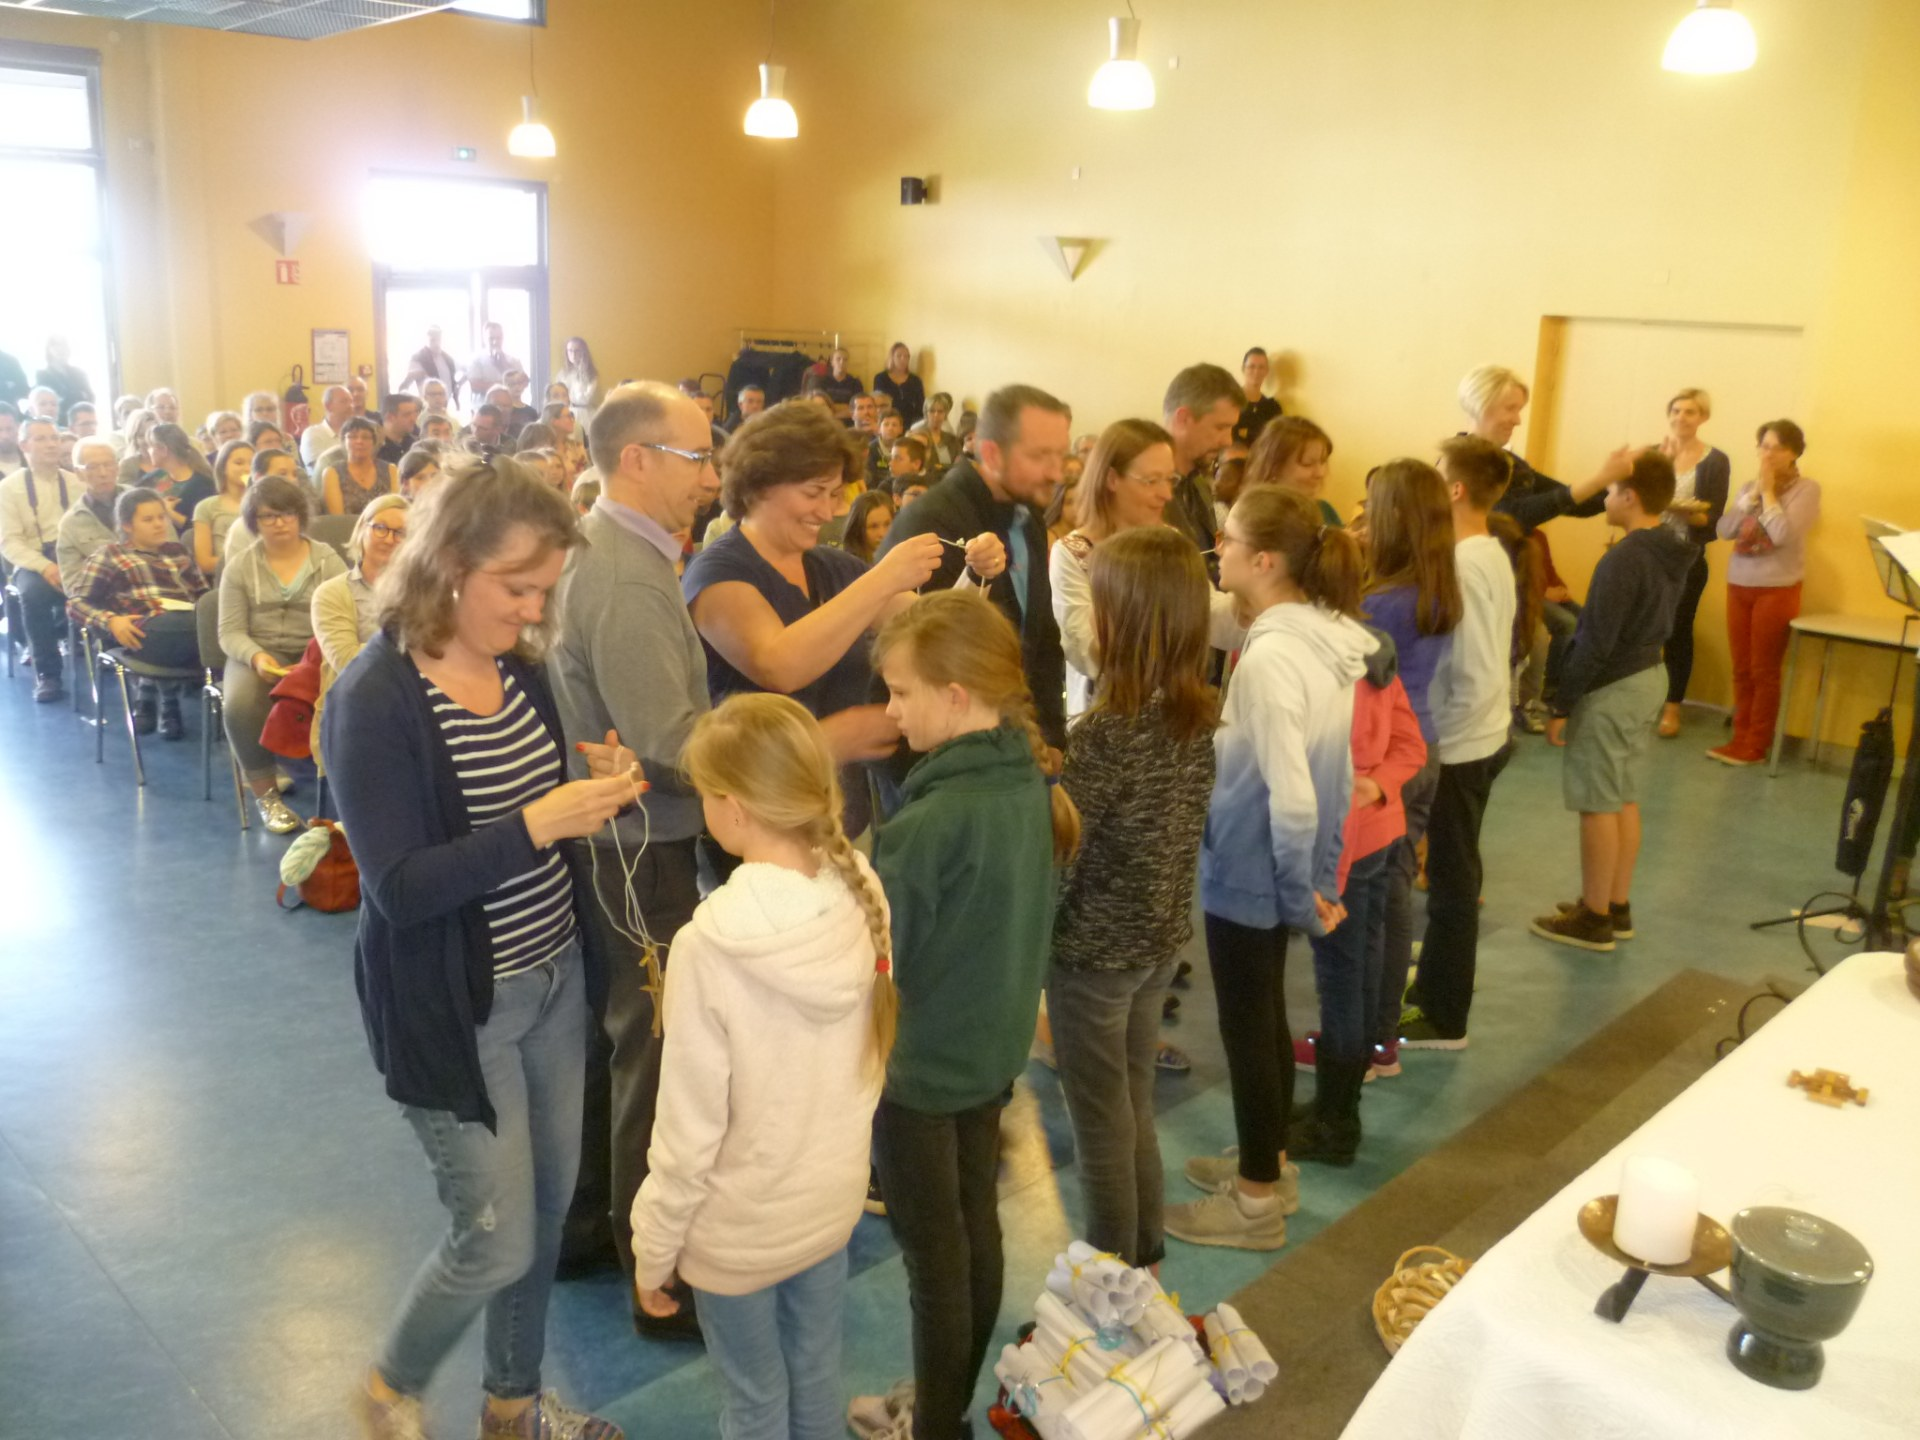 77 jeunes des 3 paroisses de l'amandinois